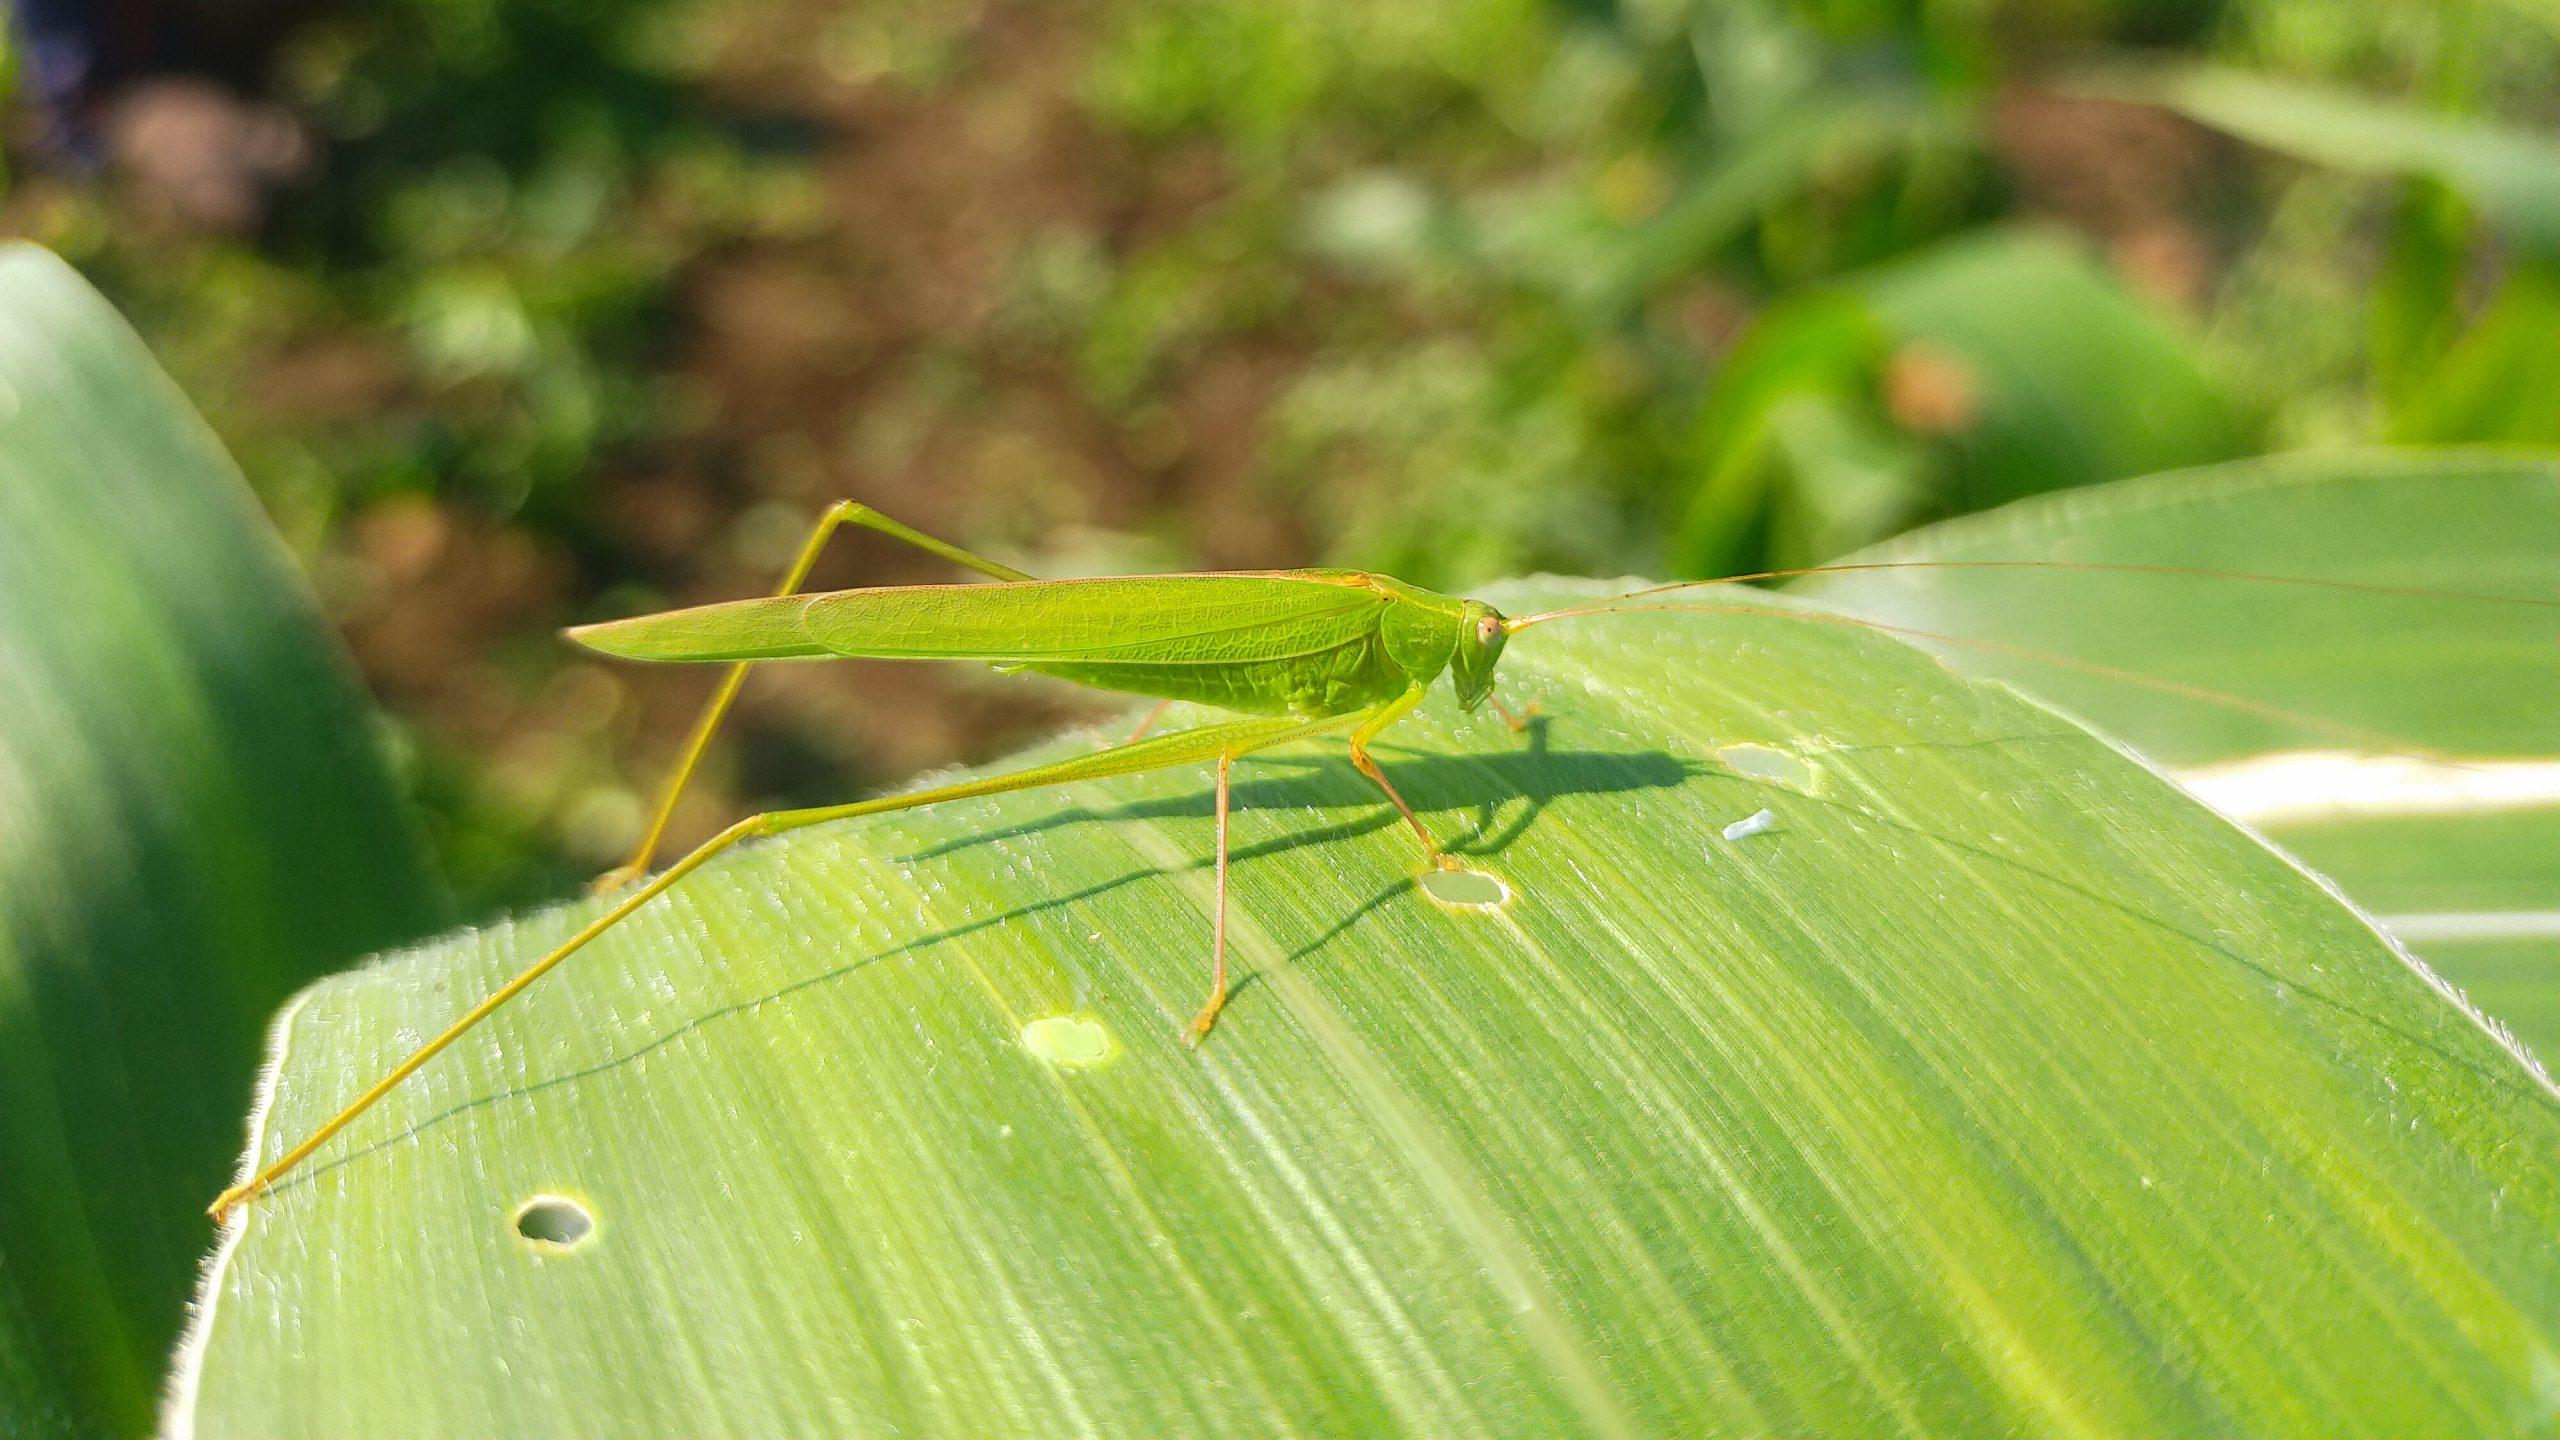 A green grasshopper on a leaf